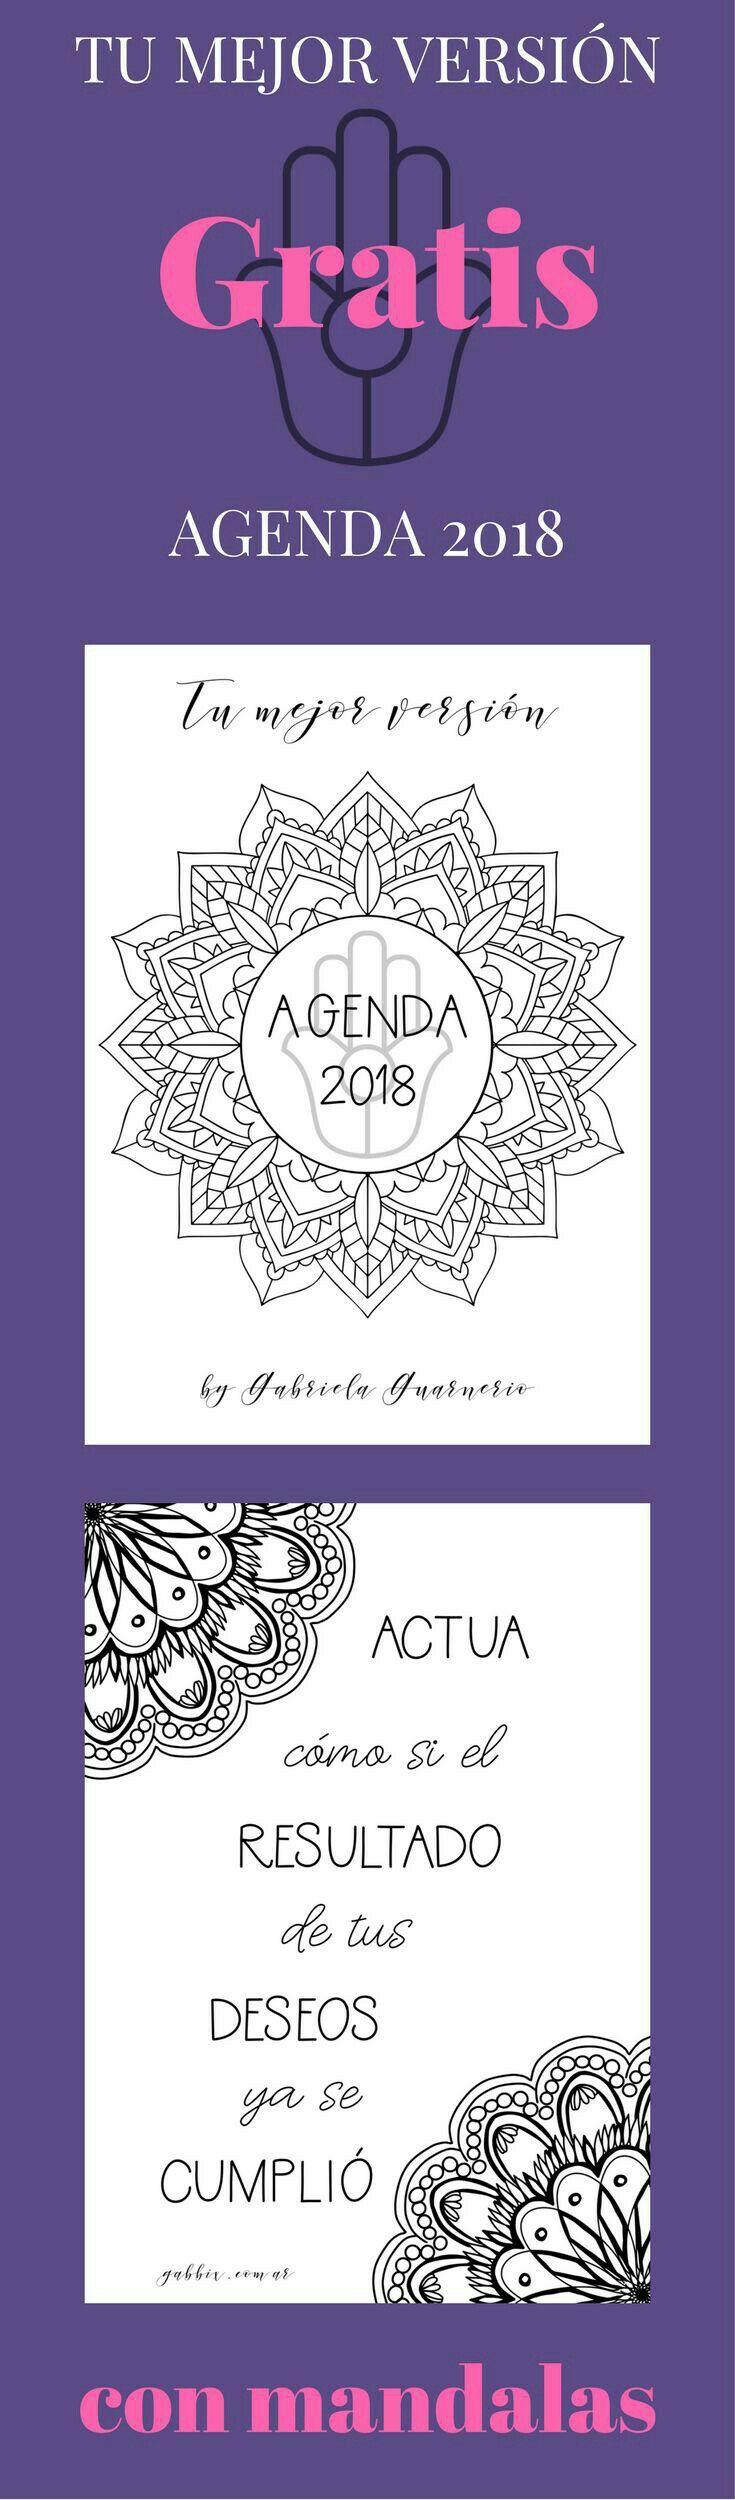 Agenda 2018 con mandalas para colorear y jornal para planear tus objetivos y vivir tu mejor versión. Gratis con tu suscripción. Actualizaciones mensuales gratuitas y consejos de coaching en tu inbox.